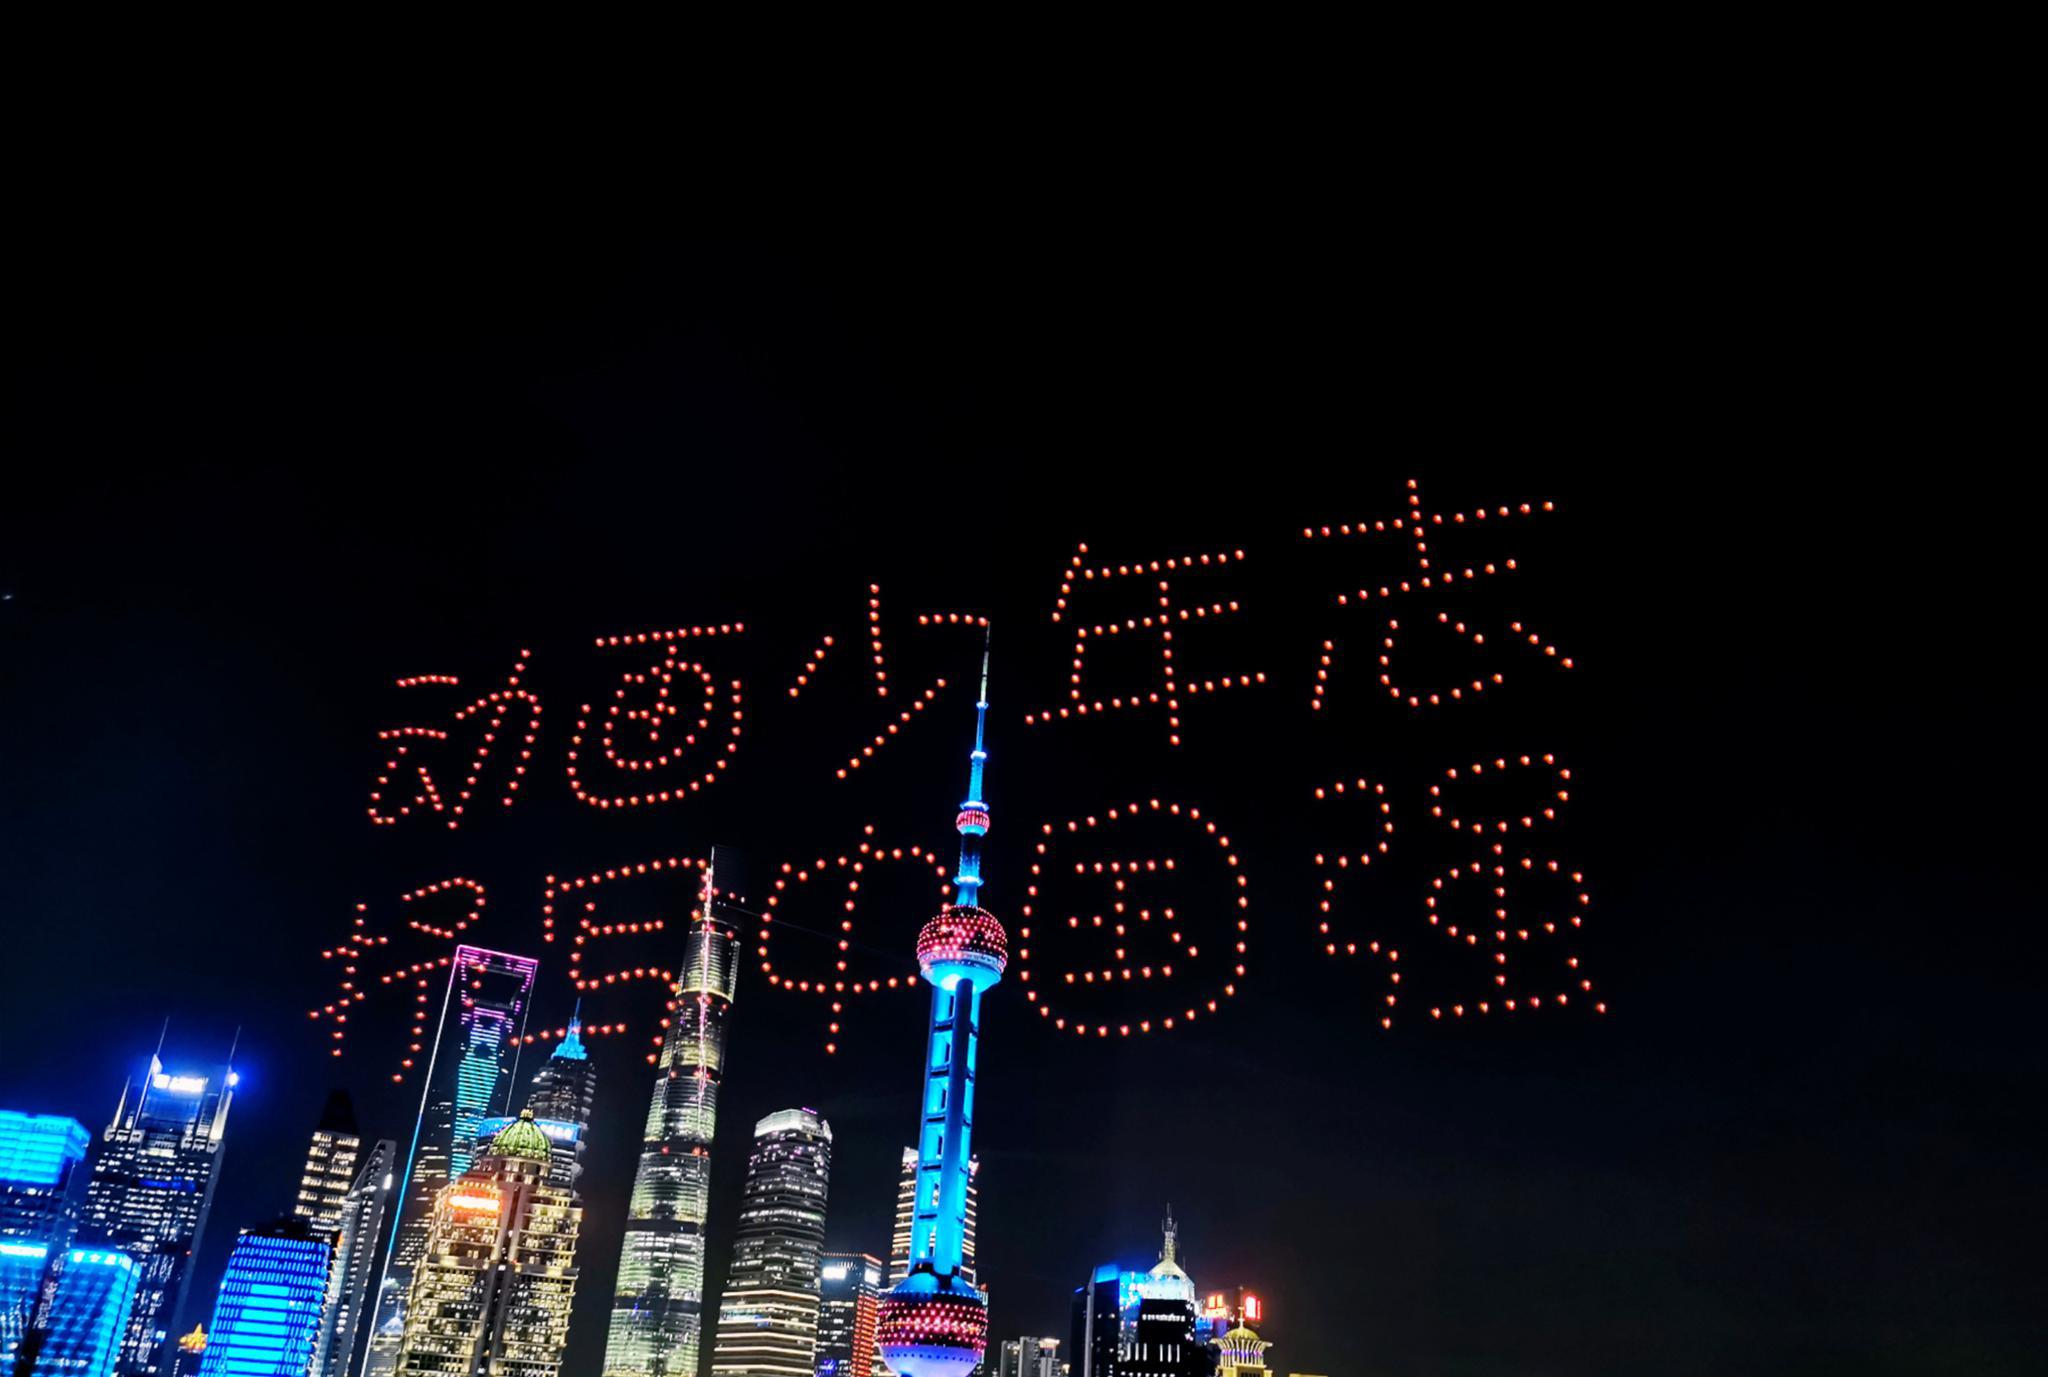 《钢铁飞龙3》在上海干了件让人瞩目的事儿,国产动漫IP衍生品迎来爆发期